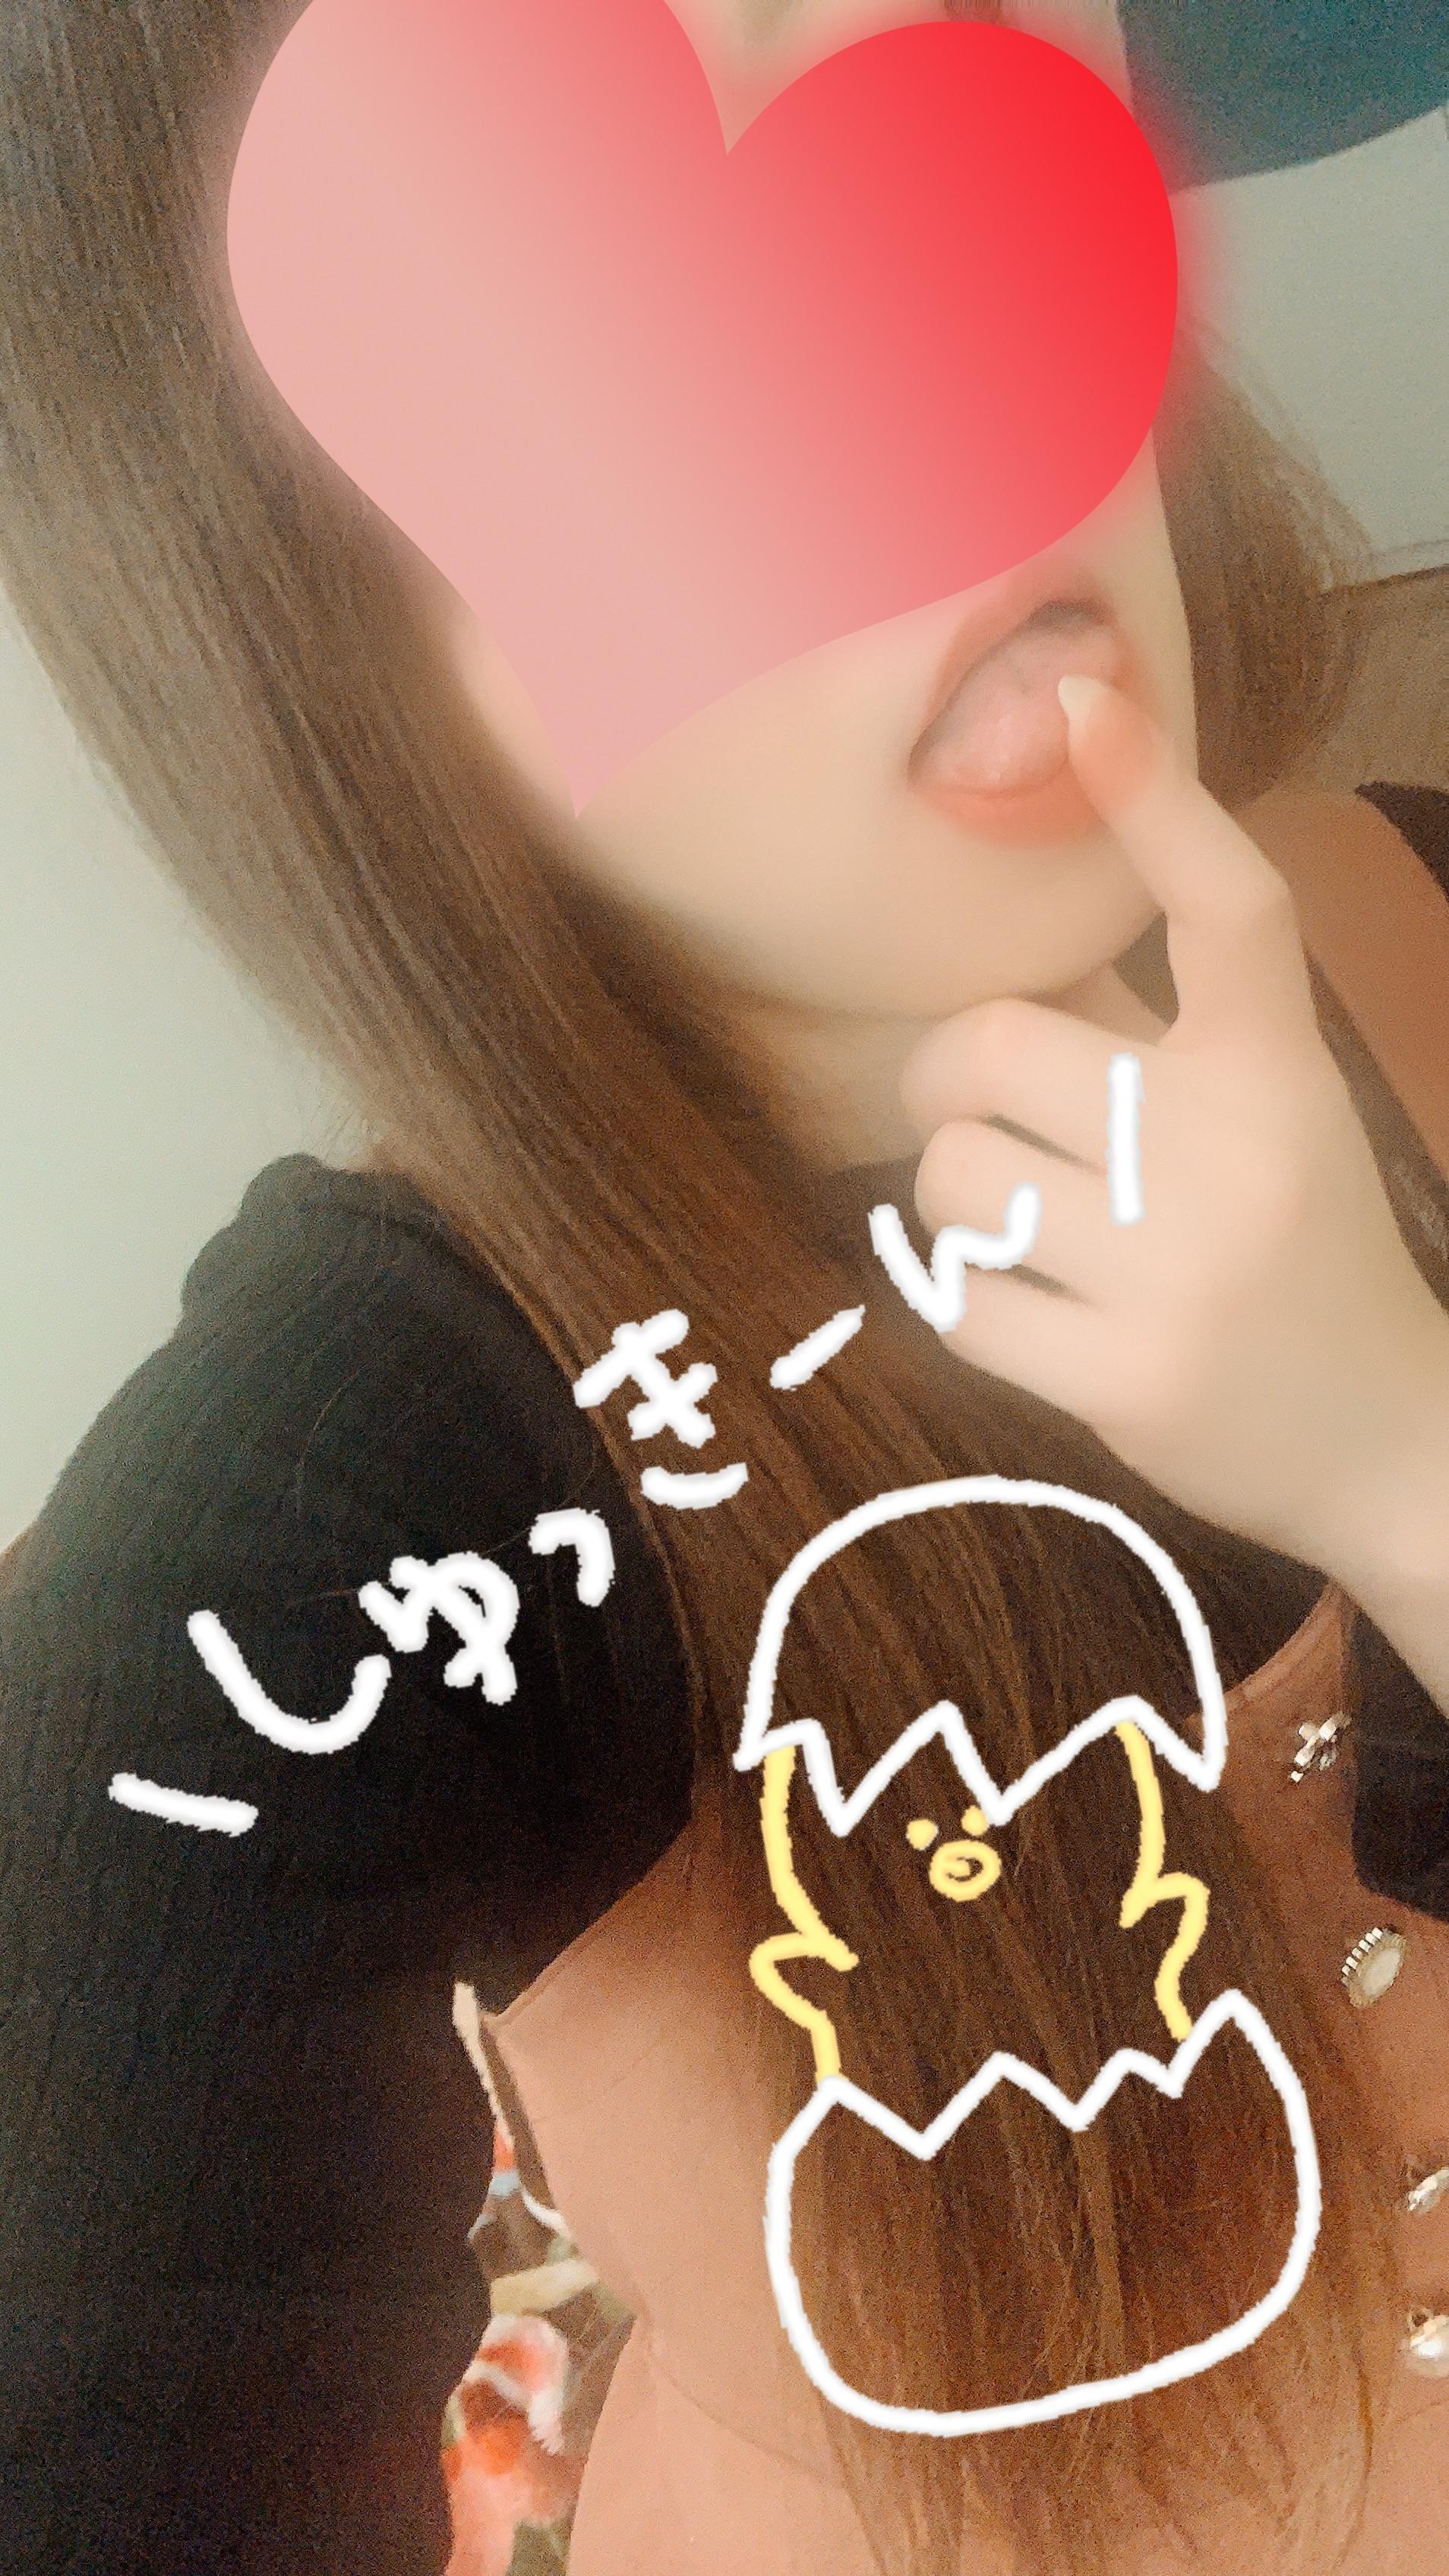 「★急遽」04/07(水) 08:37 | えるの写メ・風俗動画